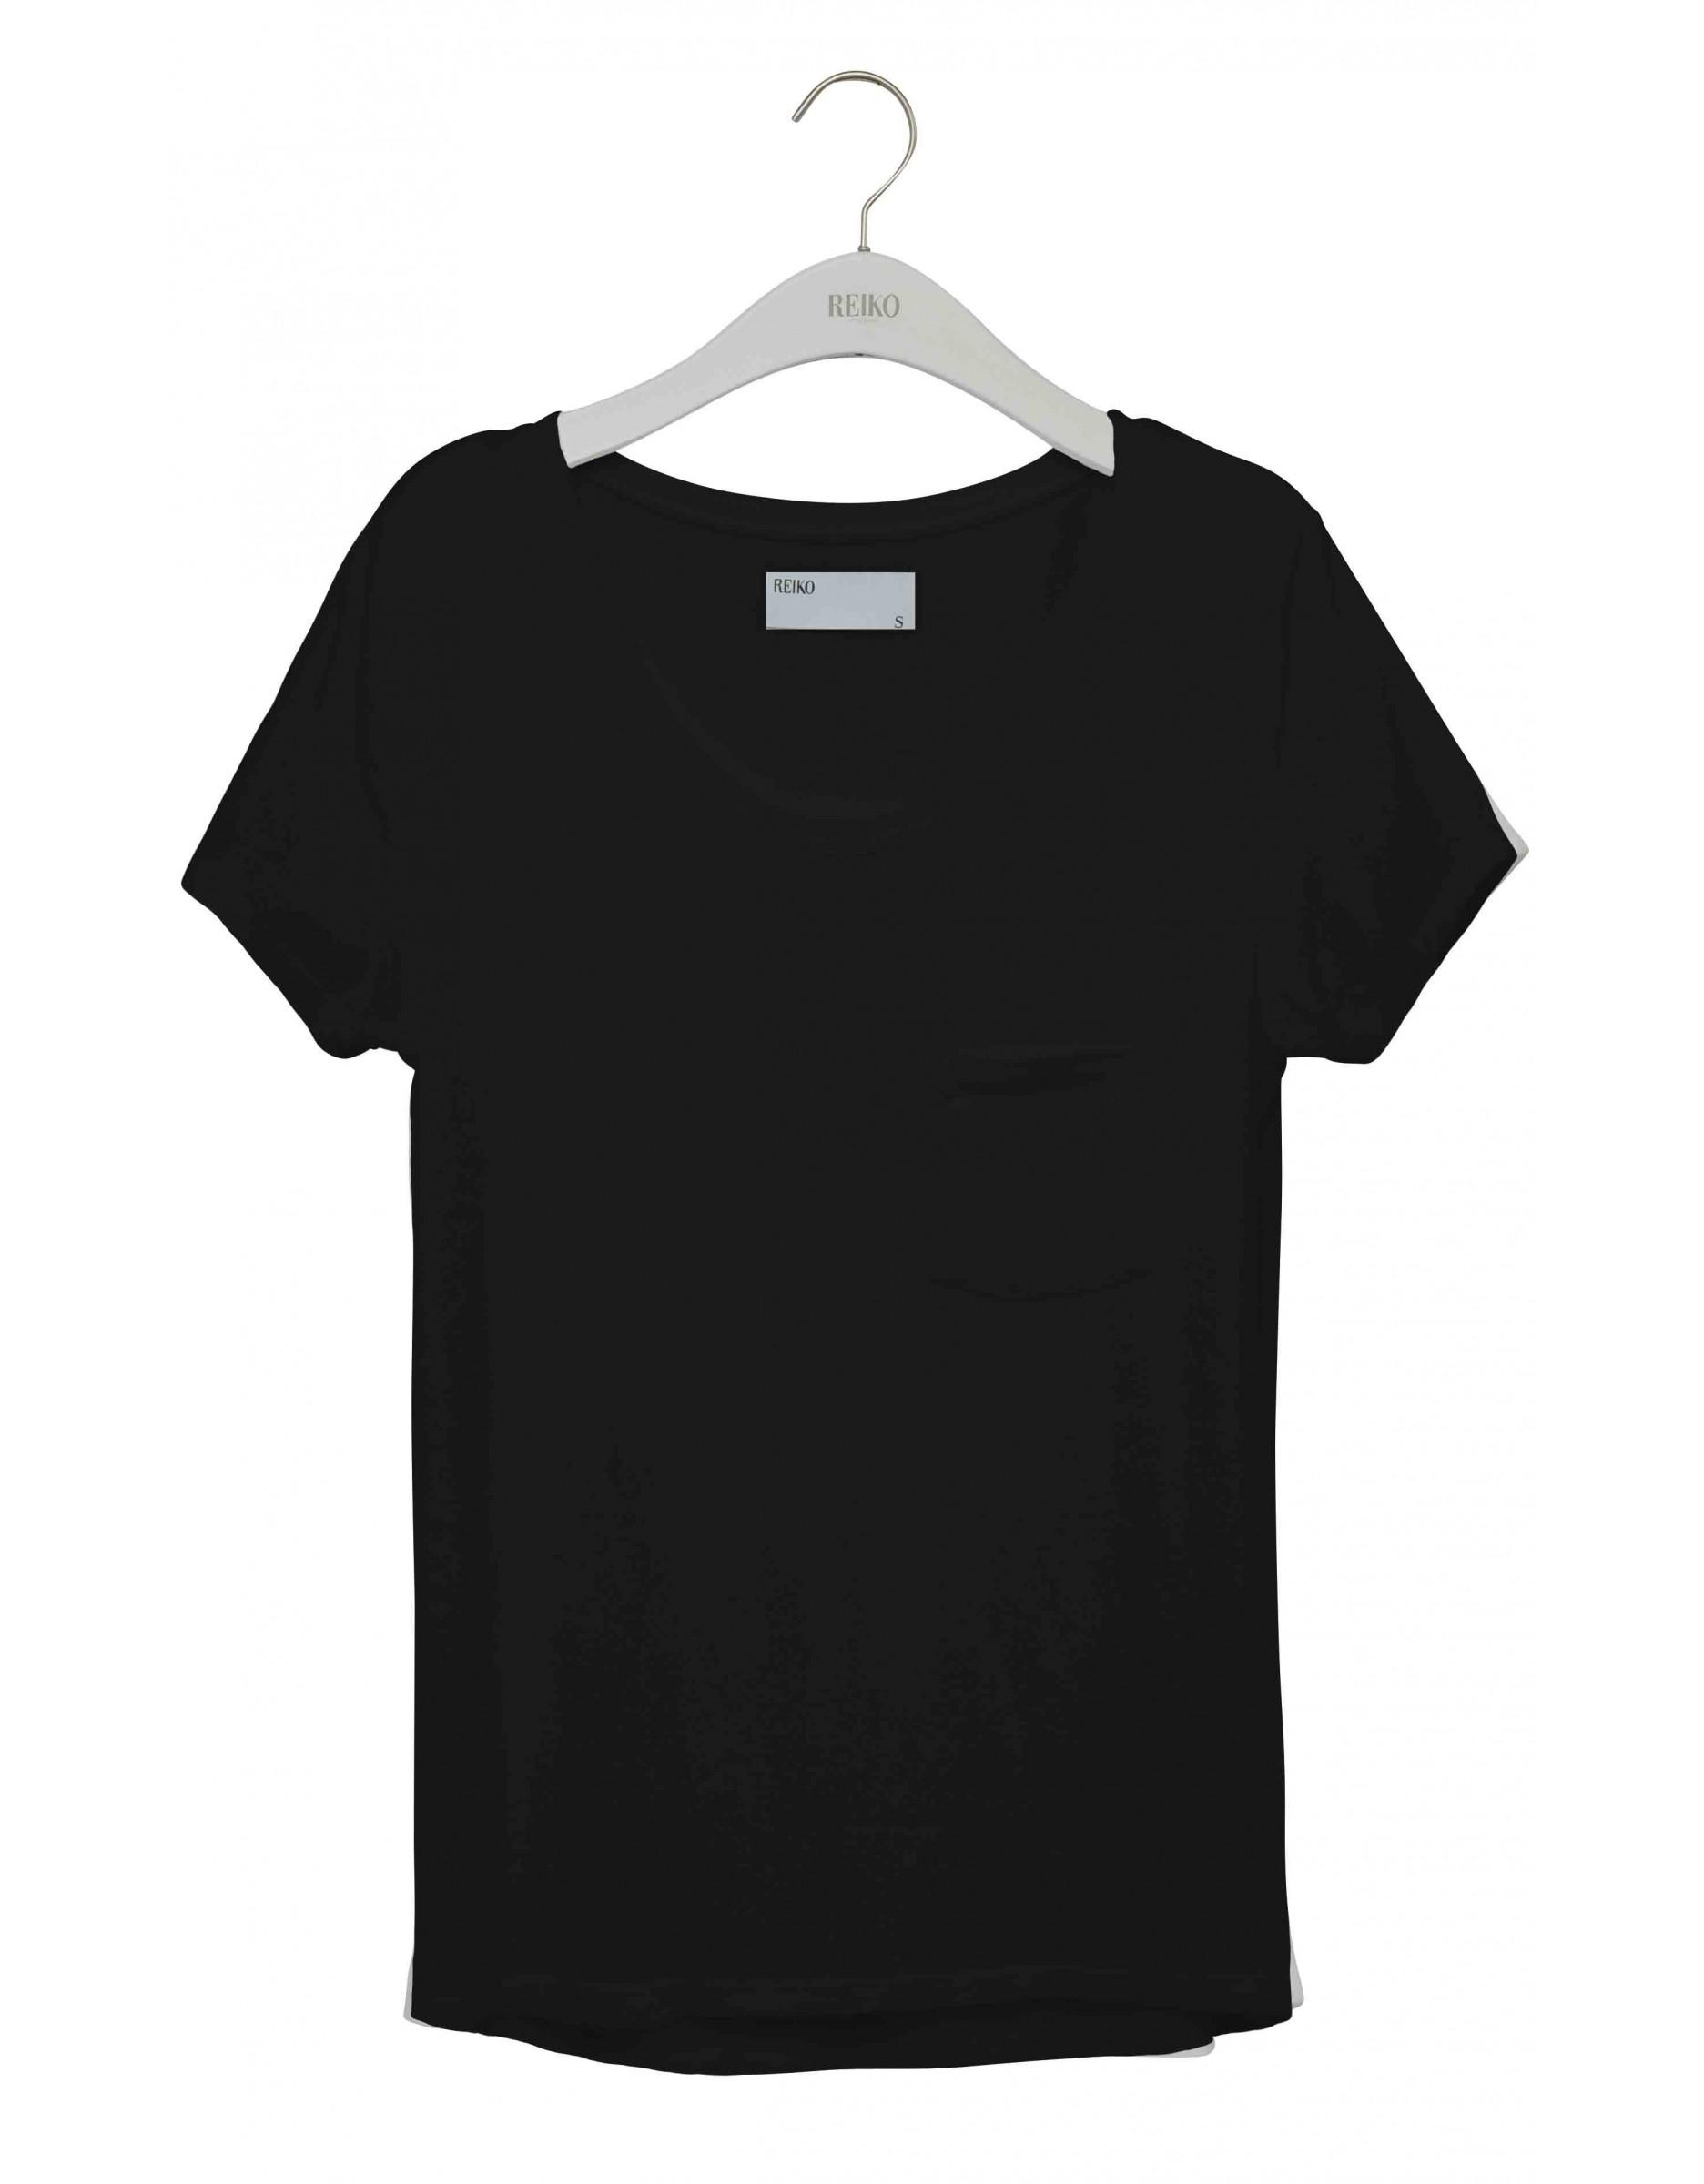 REIKO Bardot plain T-shirt - black - Reiko Jeans